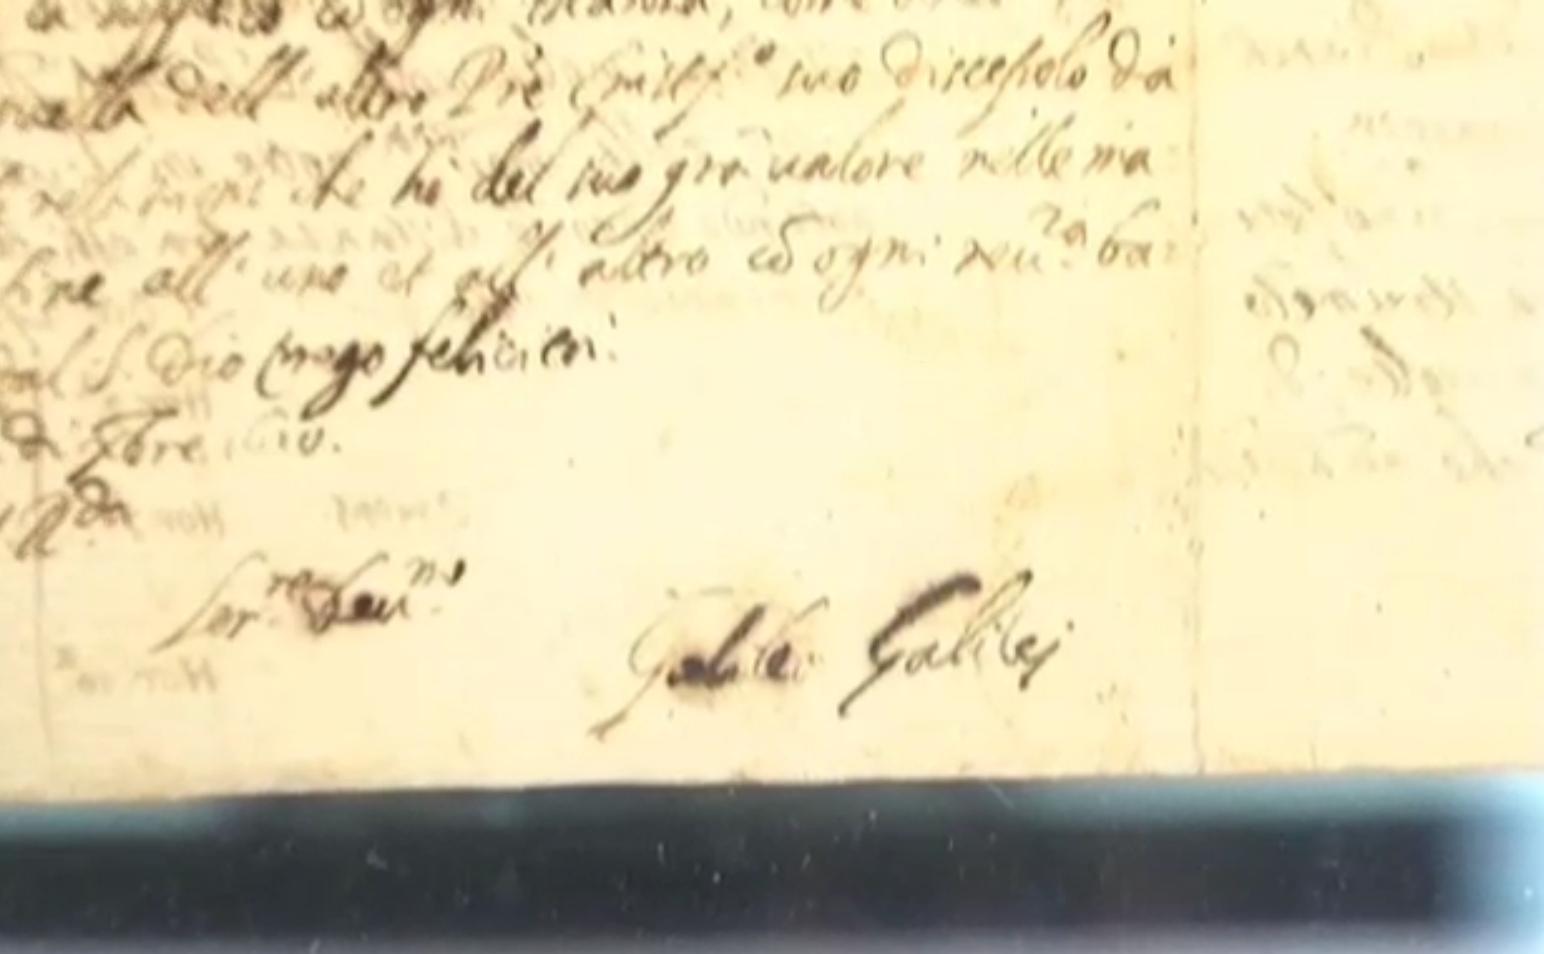 Roma, alla Galleria Sordi la lettera di Galileo Galilei del 1610